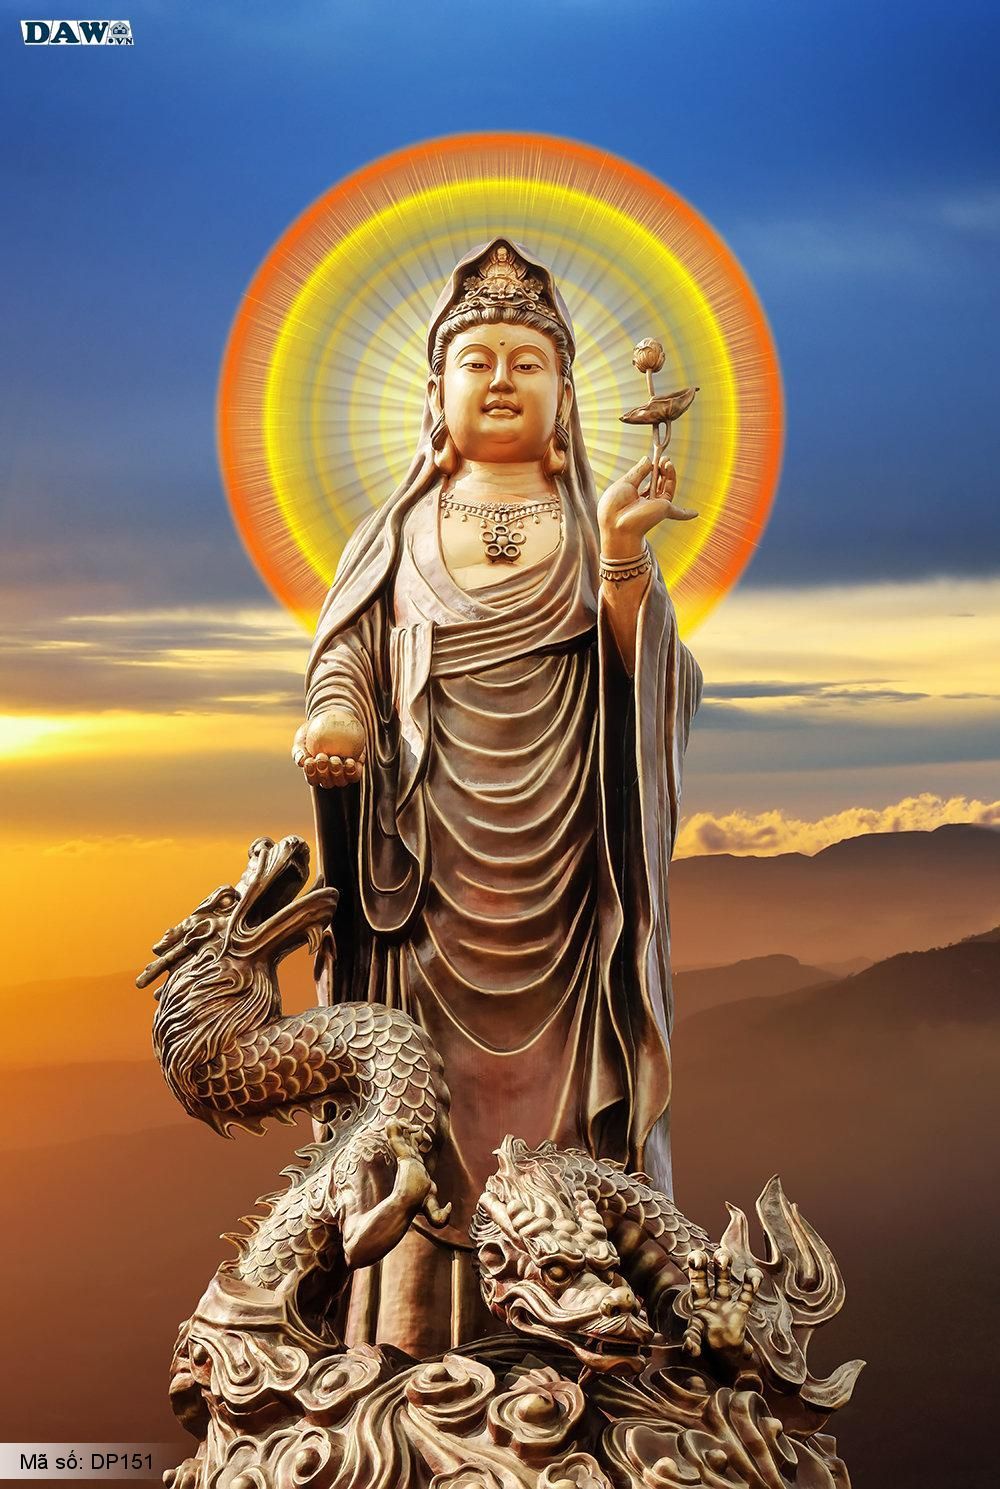 Tranh dán tường 3D Hàn Quốc, hình ảnh tượng tượng phật quan âm cưỡi rồng DP151